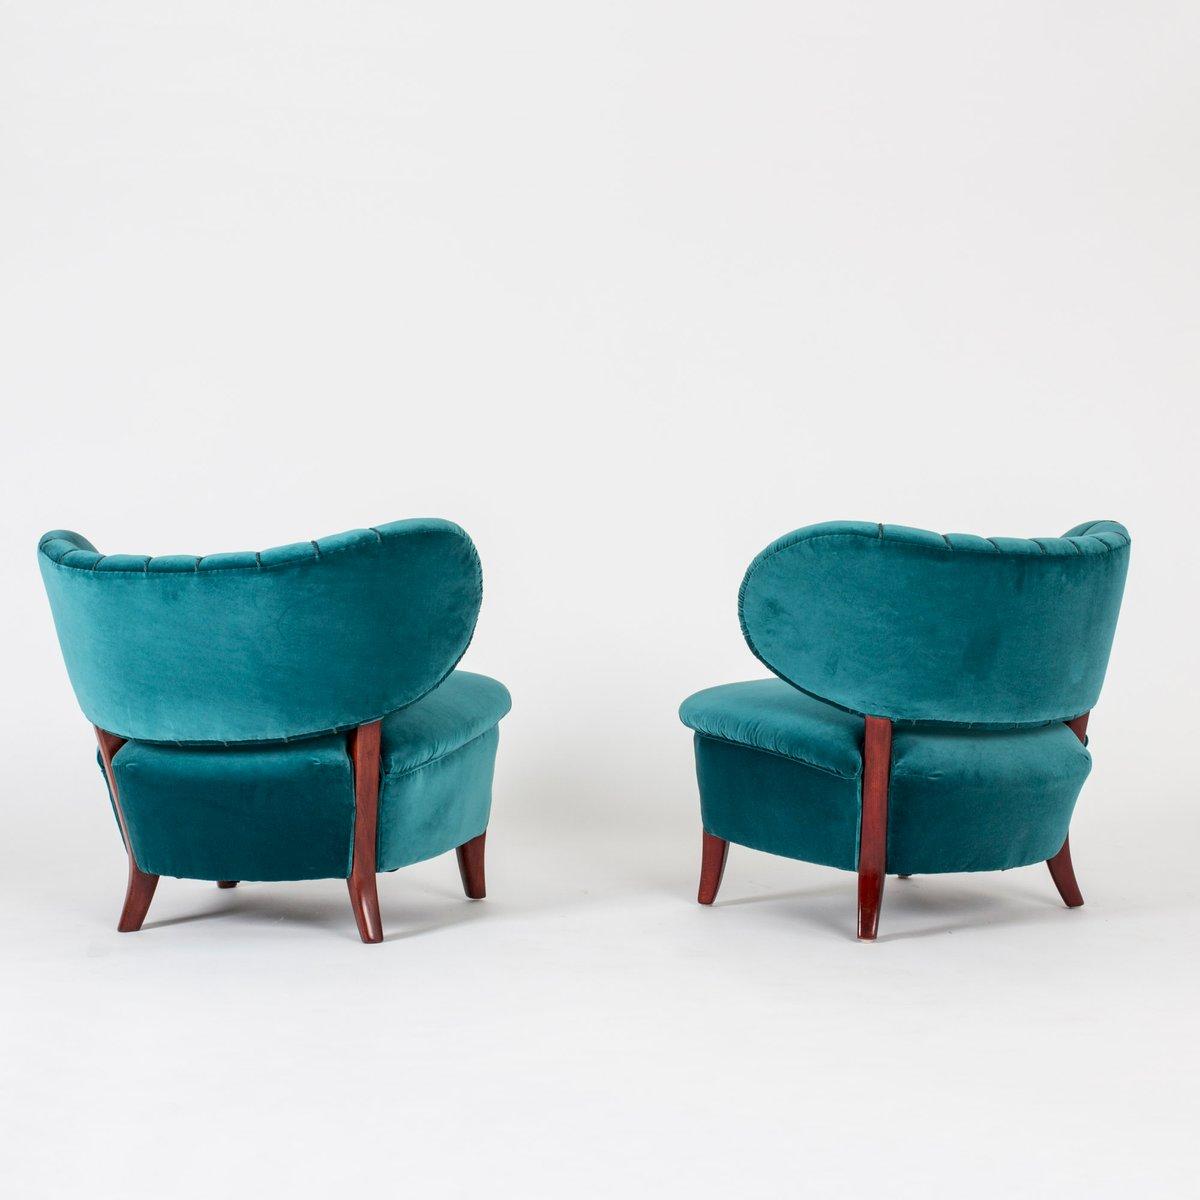 sessel von otto schulz f r boet 1940er 2er set bei pamono kaufen. Black Bedroom Furniture Sets. Home Design Ideas